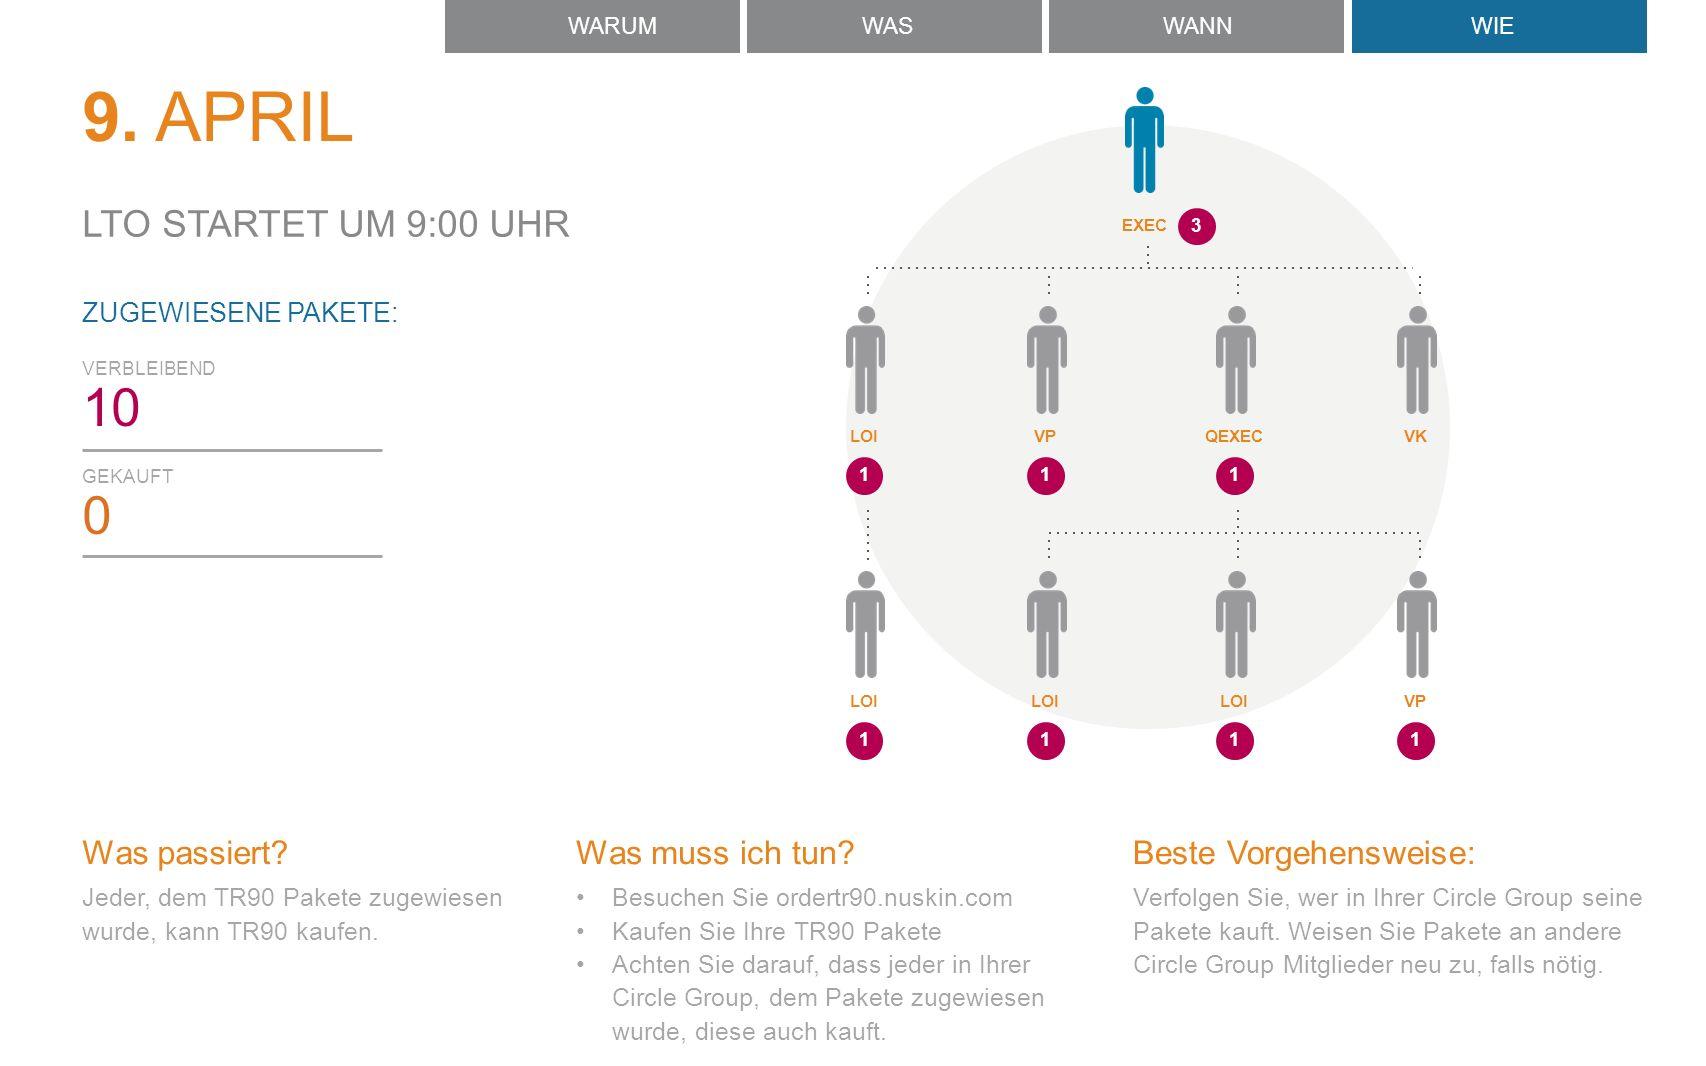 Pakete können neu verteilt werden, solange sie noch nicht gekauft wurden Bestellen Sie online auf ordertr90.nuskin.com Zahlung: Nur per Kreditkarte (prüfen Sie vorher Ihren Kreditrahmen) Wichtige Informationen: LTO beginnt am 9.